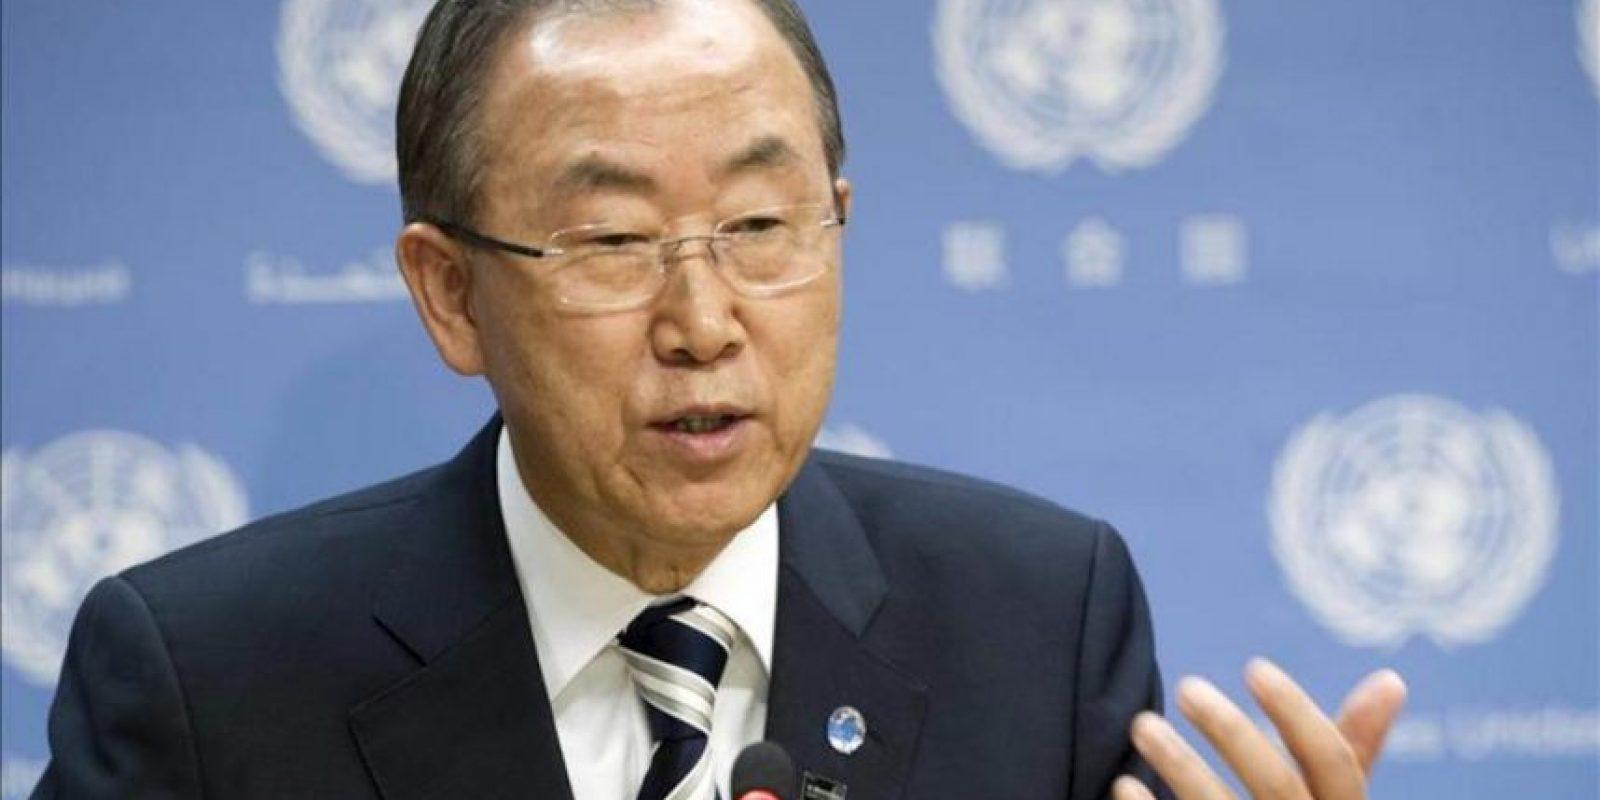 Una imagen cedida muestra al secretario general de la ONU, Ban Ki-moon, hablando durante una rueda de prensa en la sede de la Organización de Naciones Unidas en Nueva York (EE. UU. ). EFE/Archivo